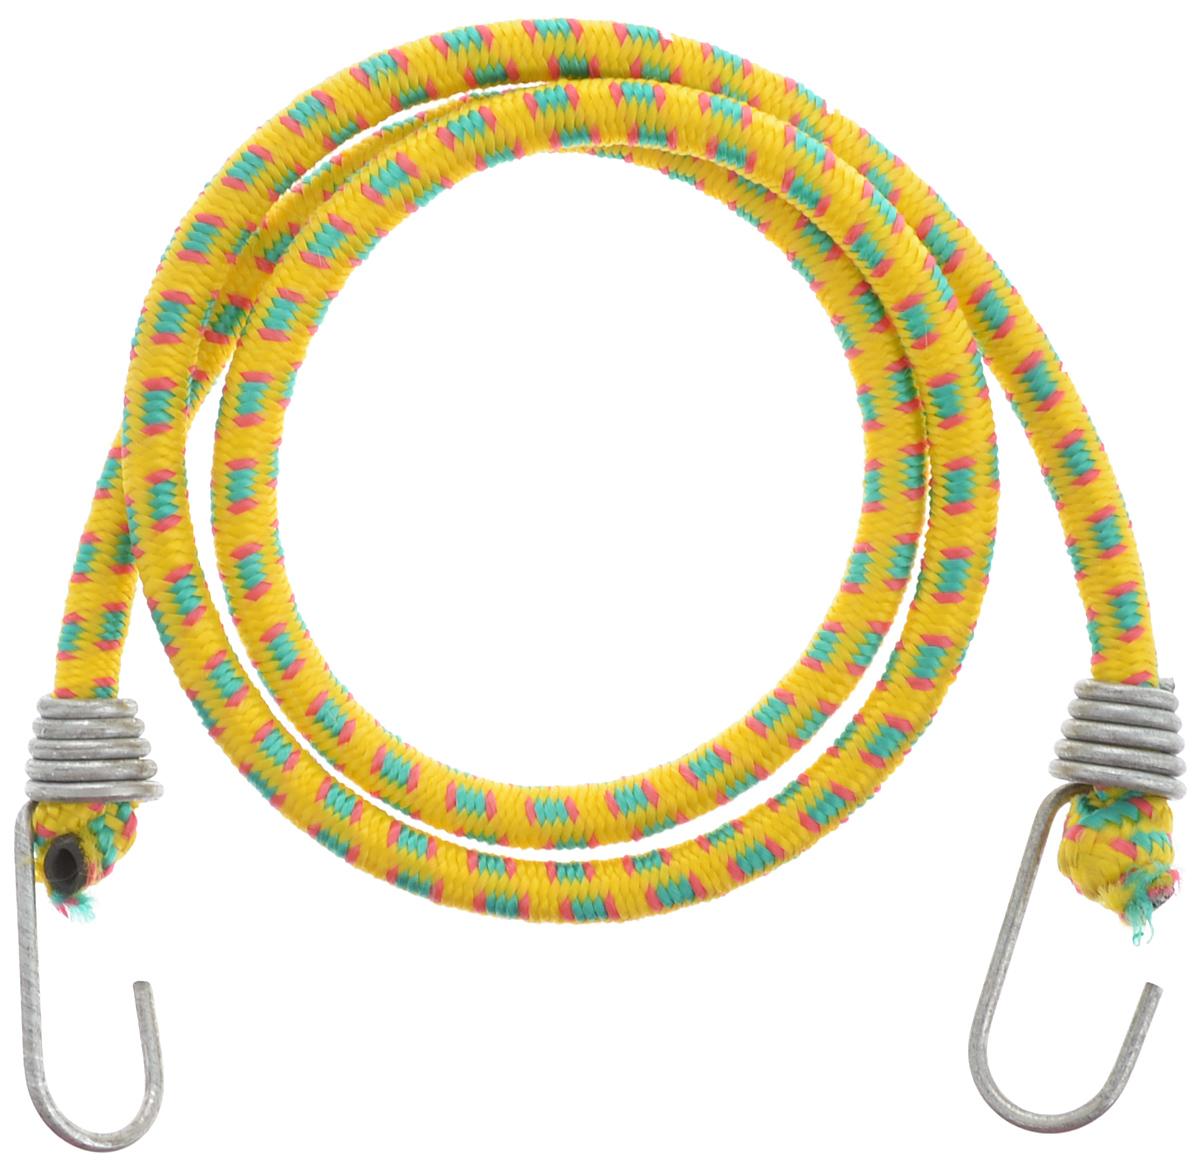 Резинка багажная МастерПроф, с крючками, цвет: желтый, зеленый, красный, 1 х 110 смAC.020023_желтый, зеленый, красныйБагажная резинка МастерПроф, выполненная из натурального каучука, оснащена специальными металлическими крючками, которые обеспечивают прочное крепление и не допускают смещения груза во время его перевозки. Изделие применяется для закрепления предметов к багажнику. Такая резинка позволит зафиксировать как небольшой груз, так и довольно габаритный. Температура использования: -15°C до +50°C. Безопасное удлинение: 60%. Диаметр резинки: 1 см. Длина резинки: 110 см.